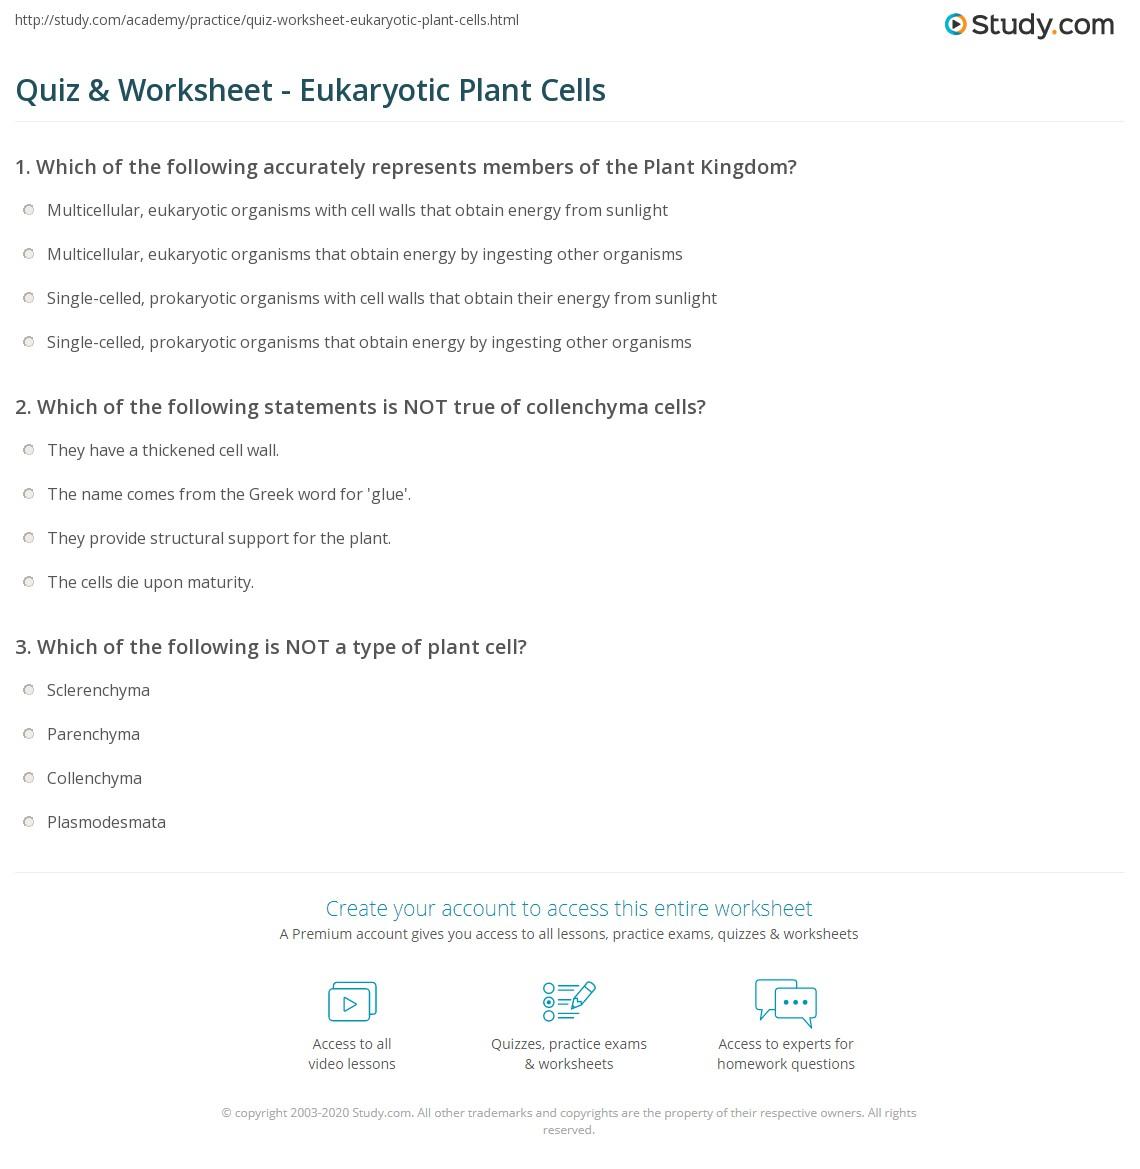 Quiz & Worksheet - Eukaryotic Plant Cells   Study.com